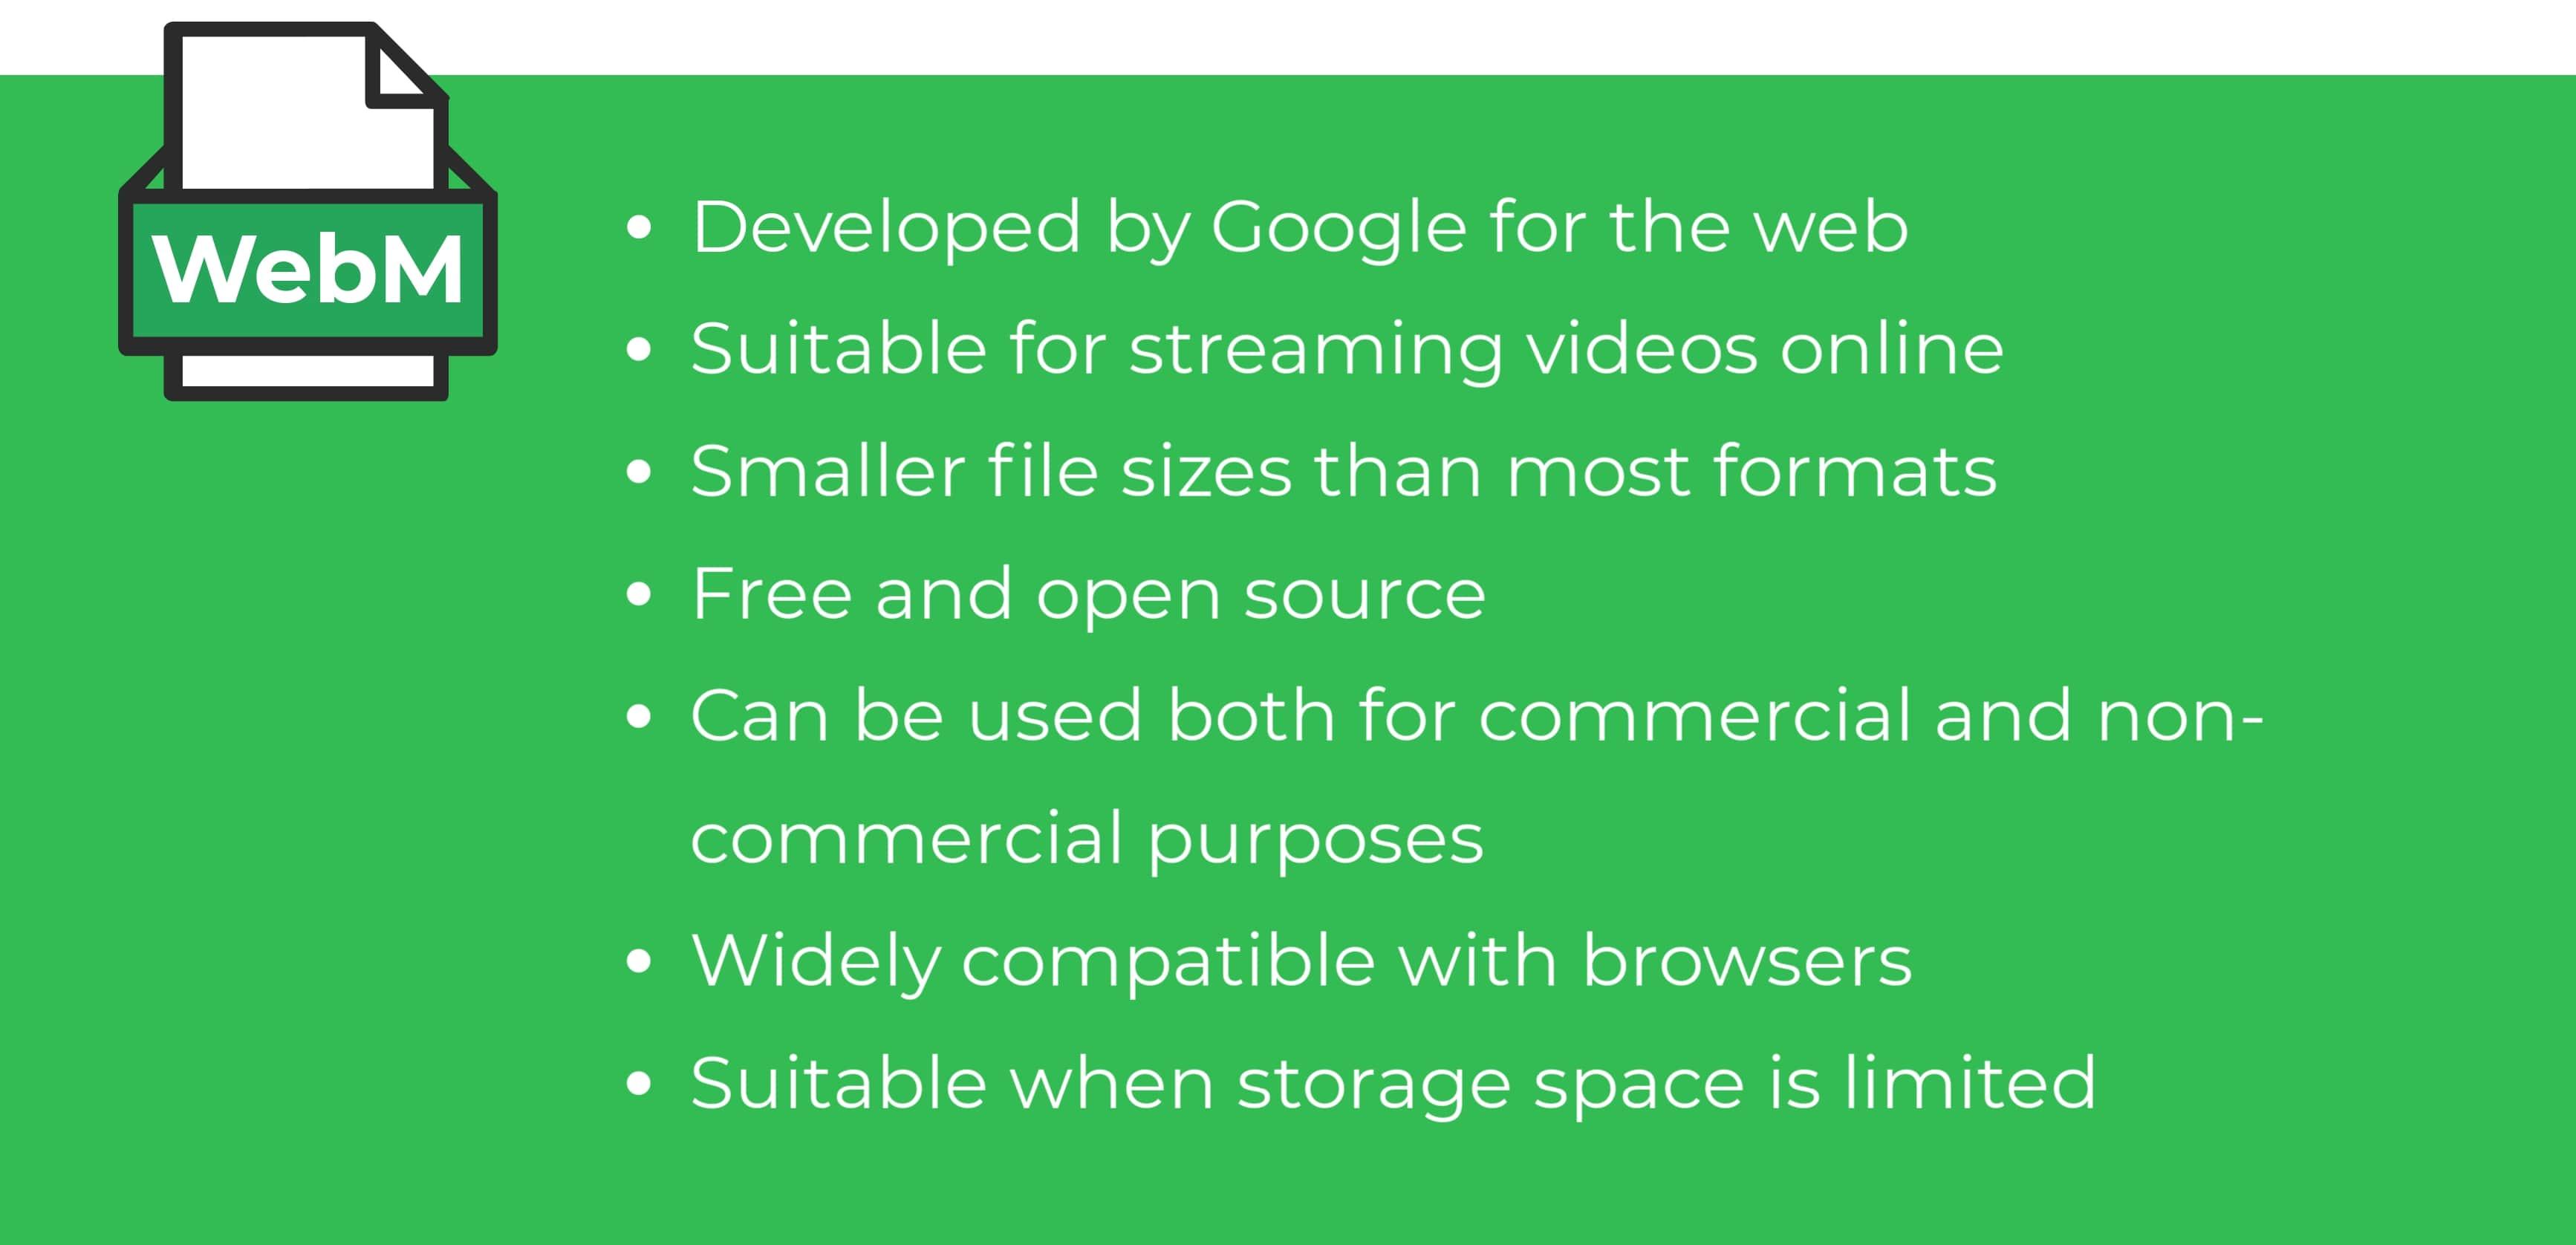 WebM video format